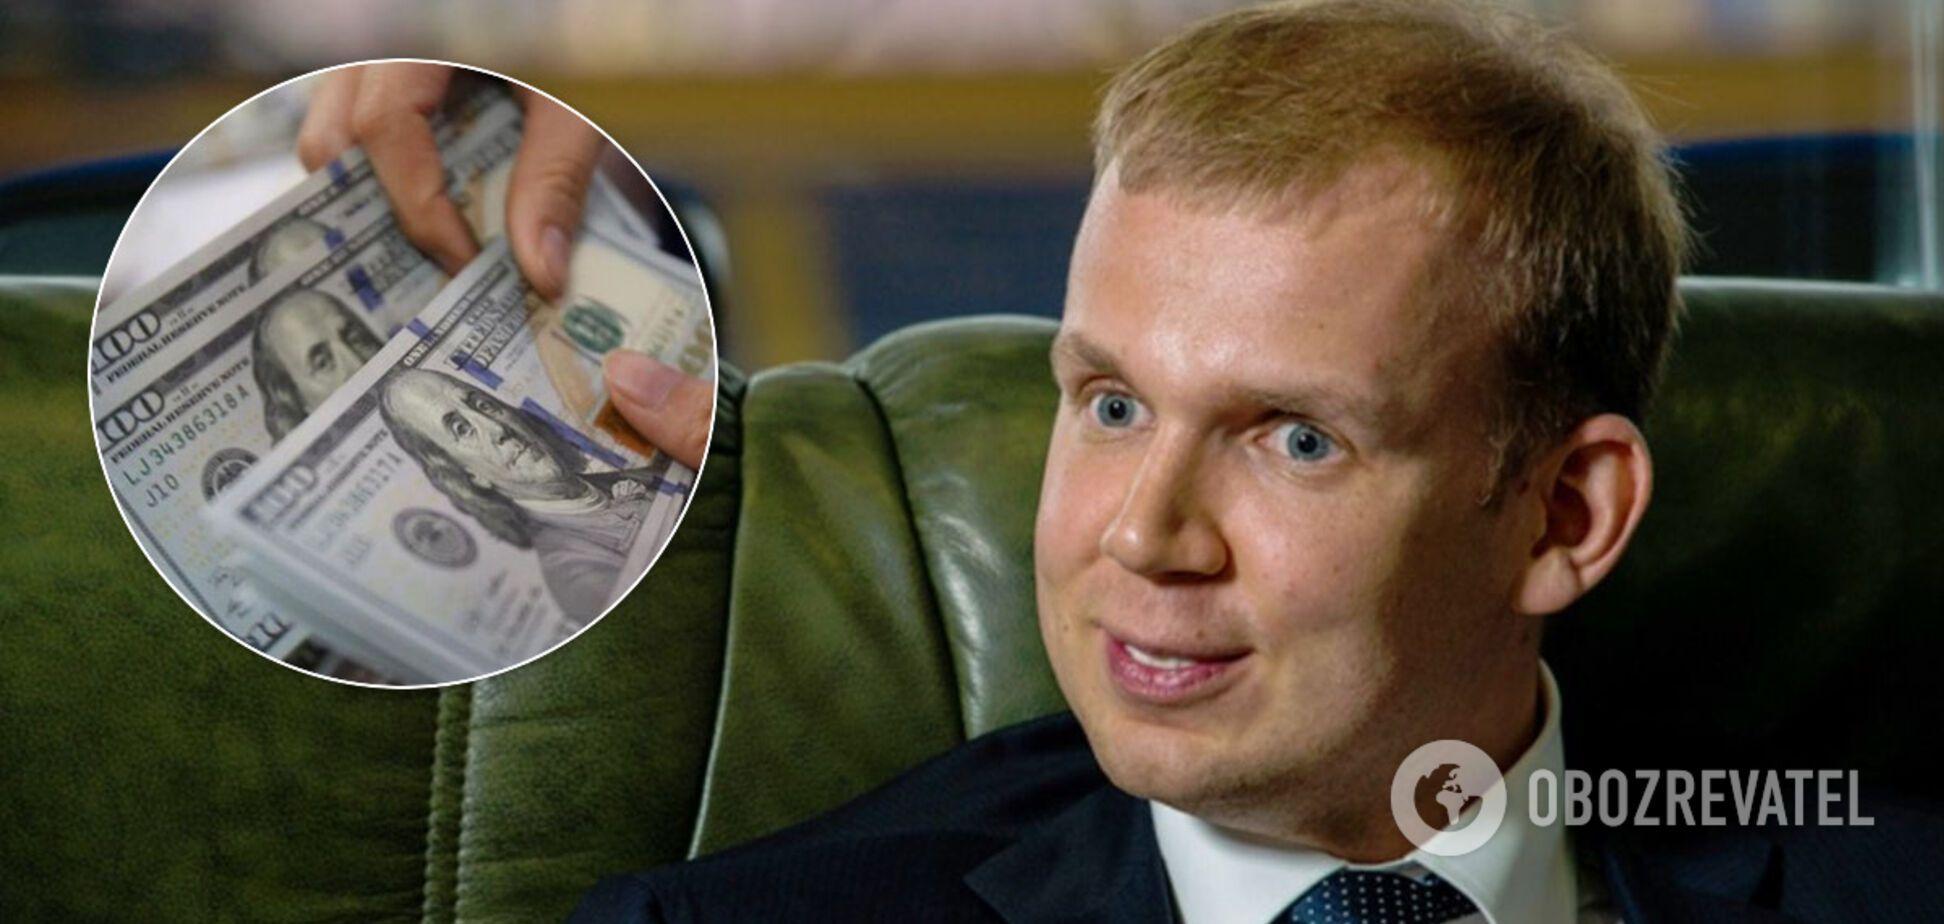 У олігарха-втікача Курченка заберуть майно на 100 млн грн: вирок набув чинності